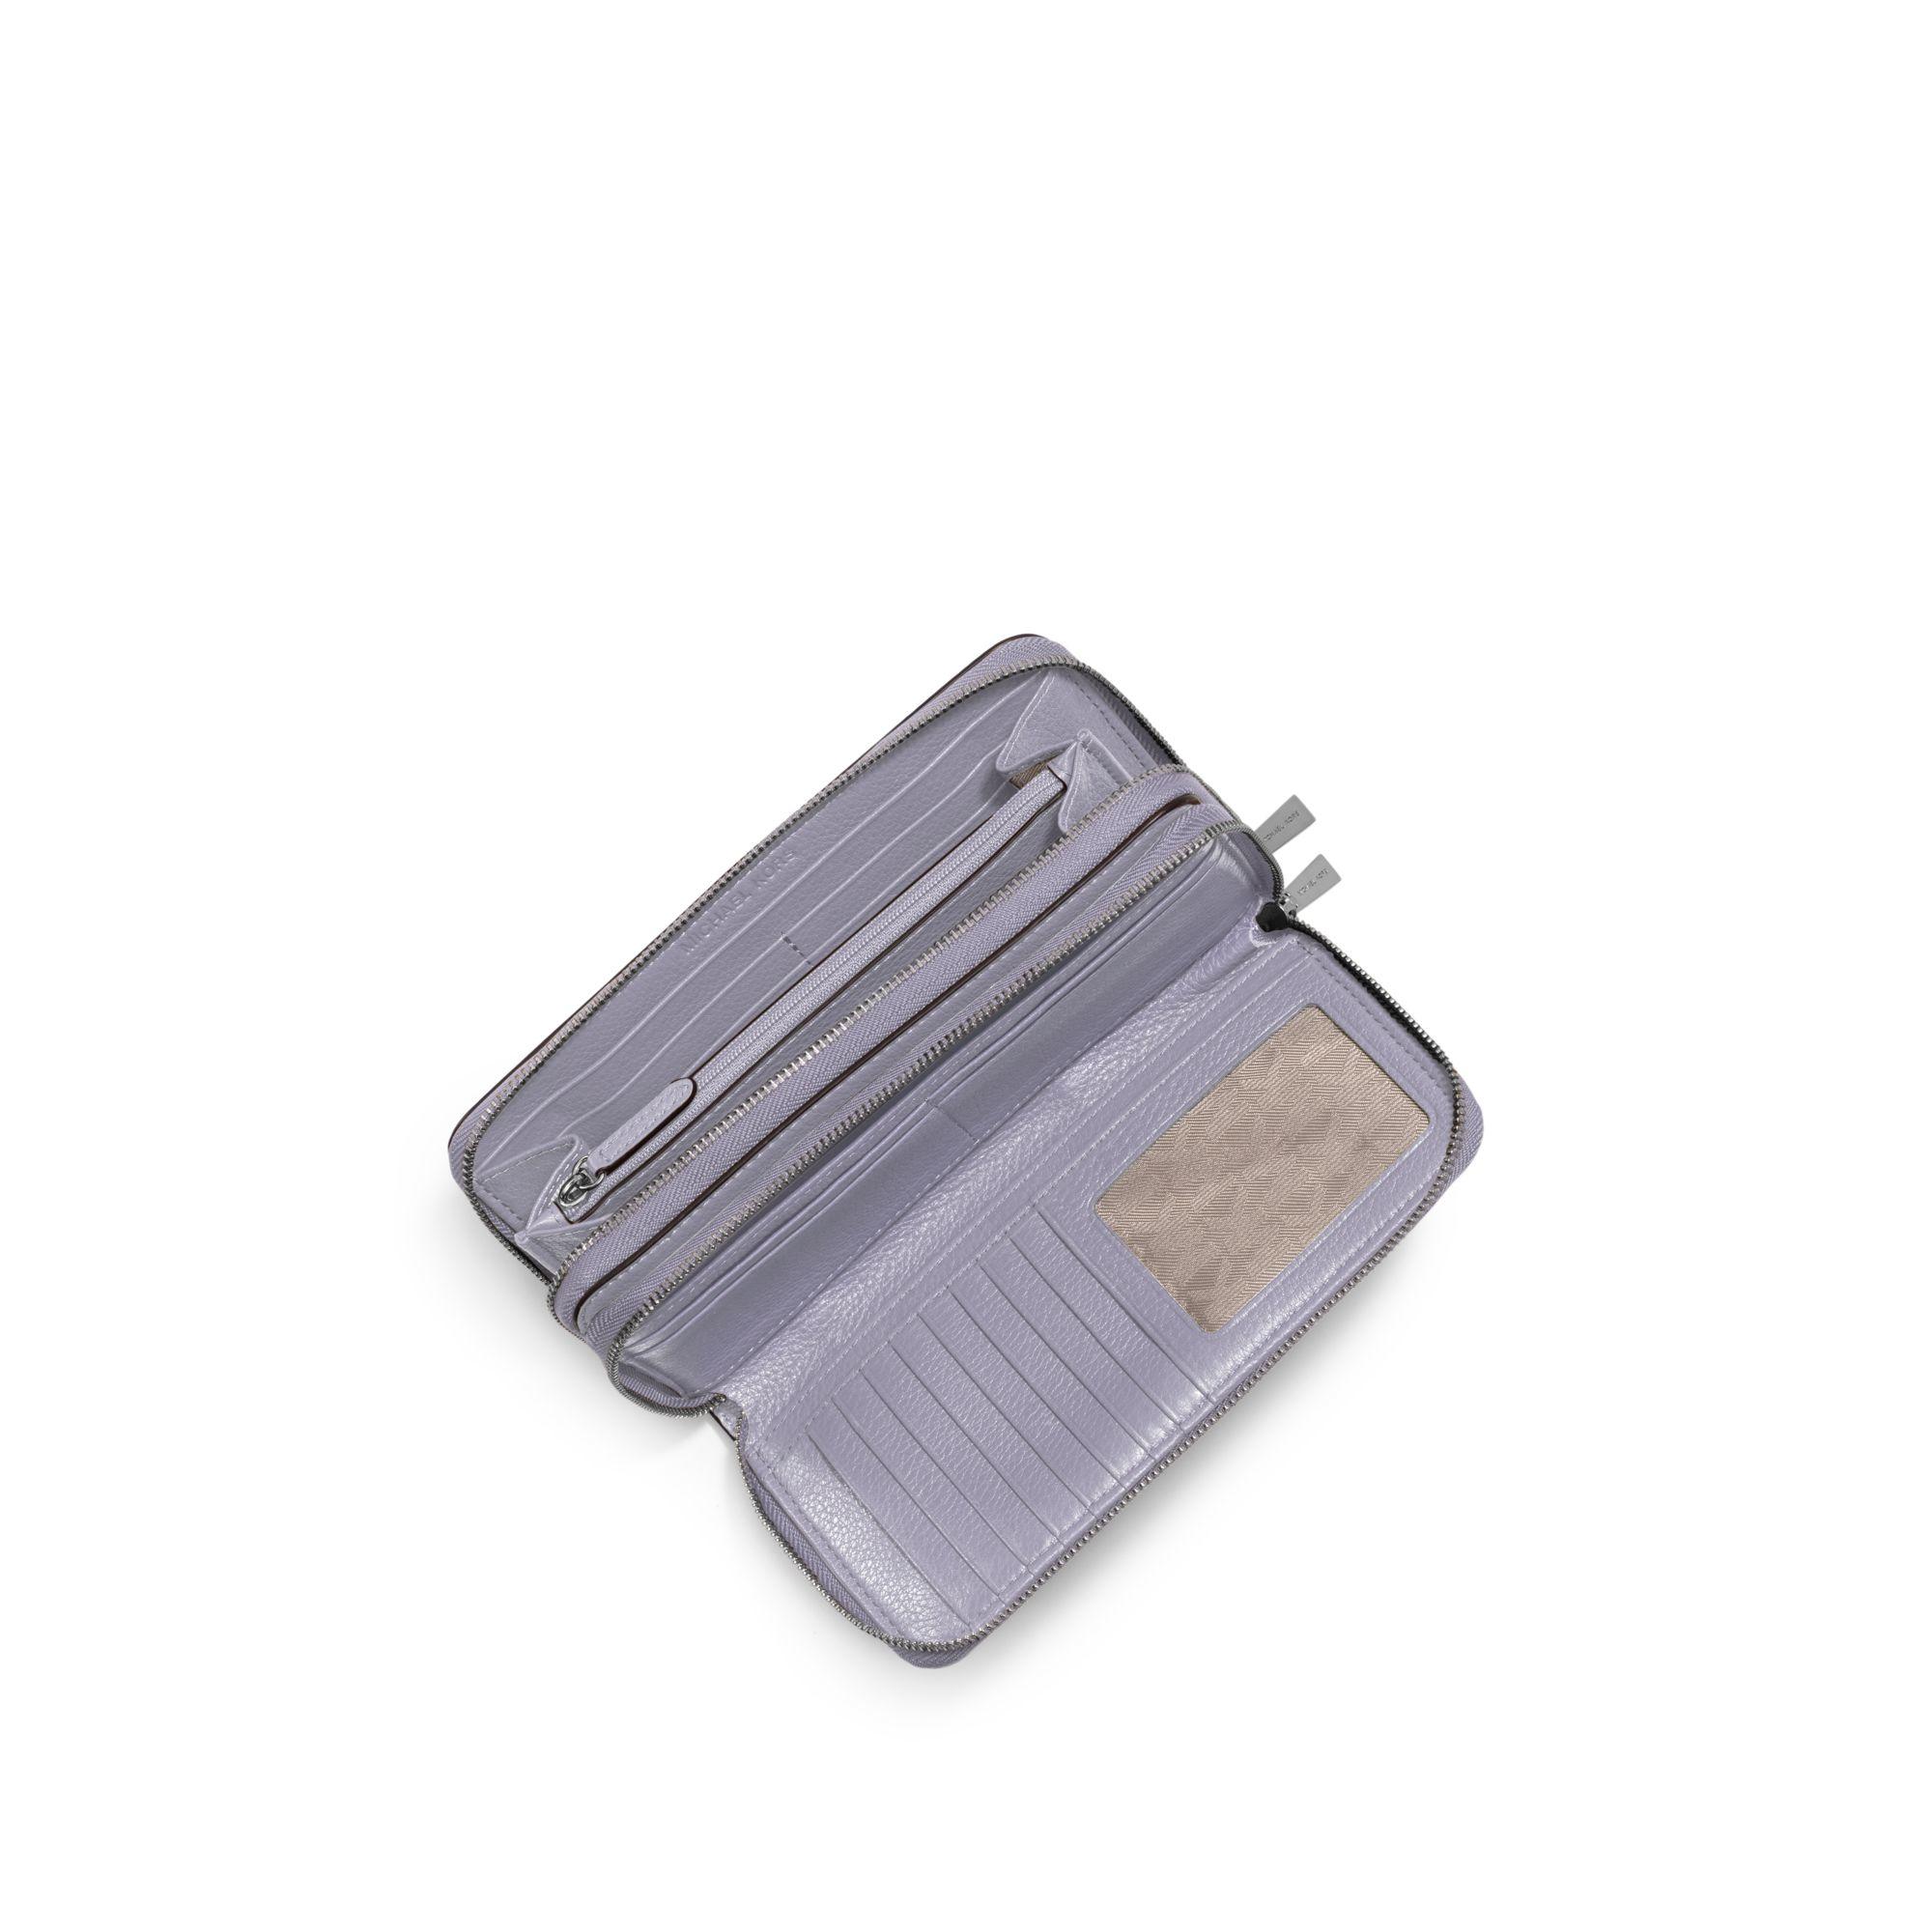 d66dd4e699fc Michael Kors Adele Leather Wallet in Purple - Lyst